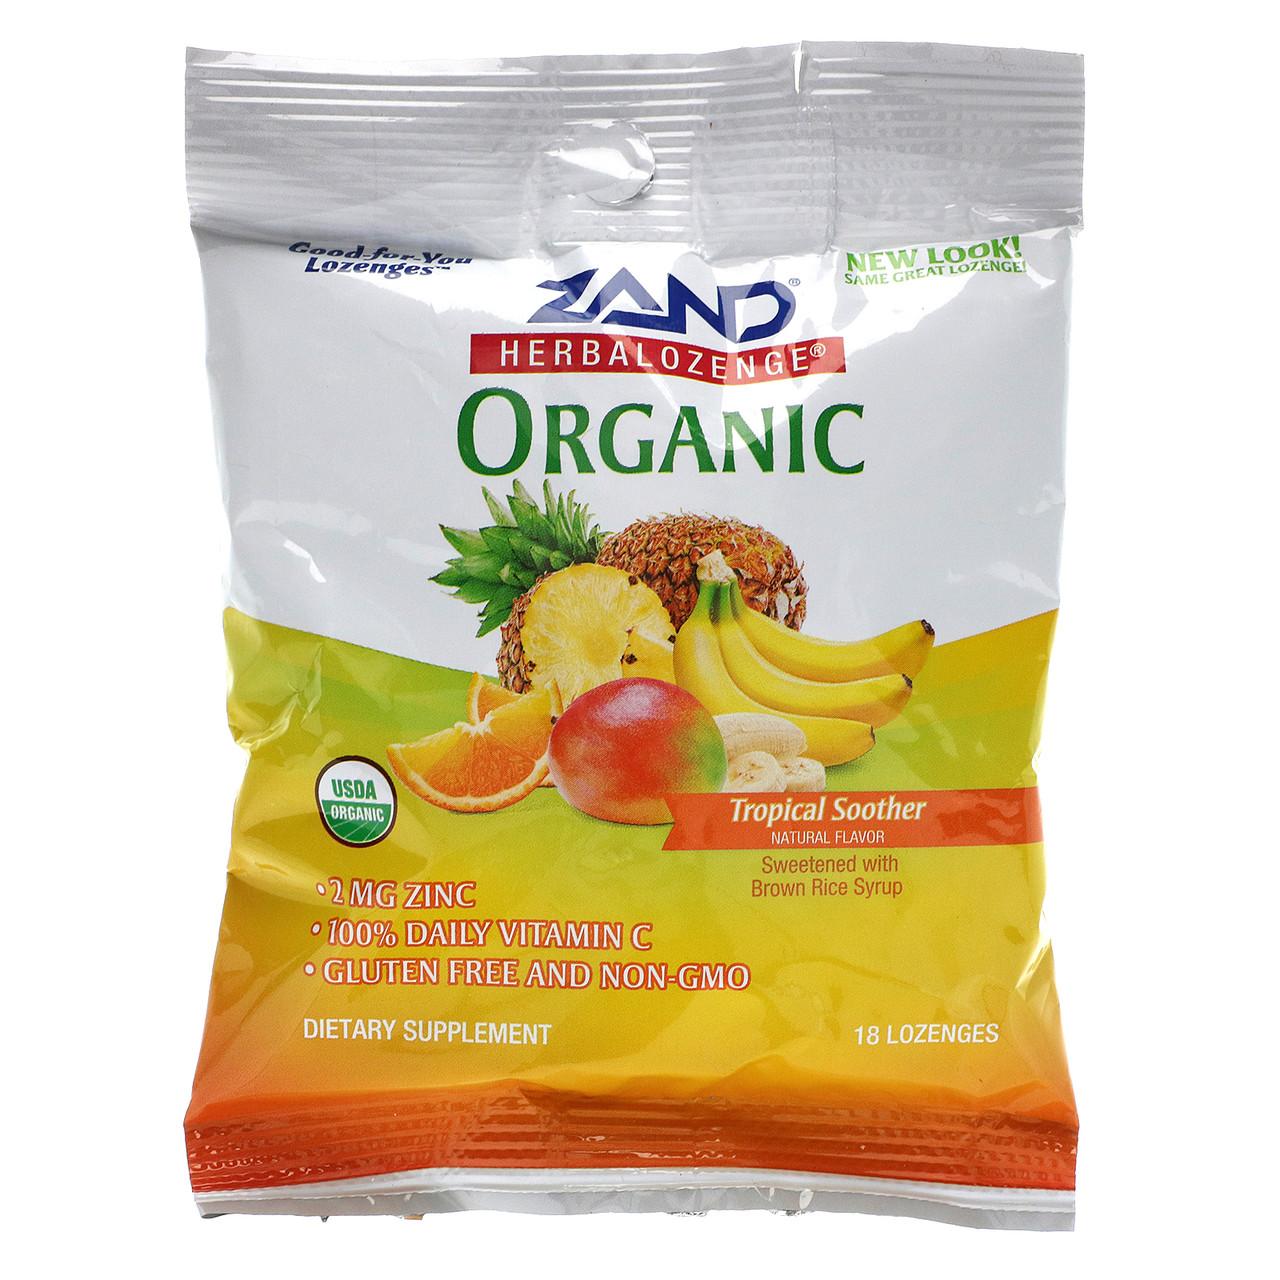 Органические таблетки на основе трав, тропические фрукты со смягчающим действием, 18 таблеток Zand